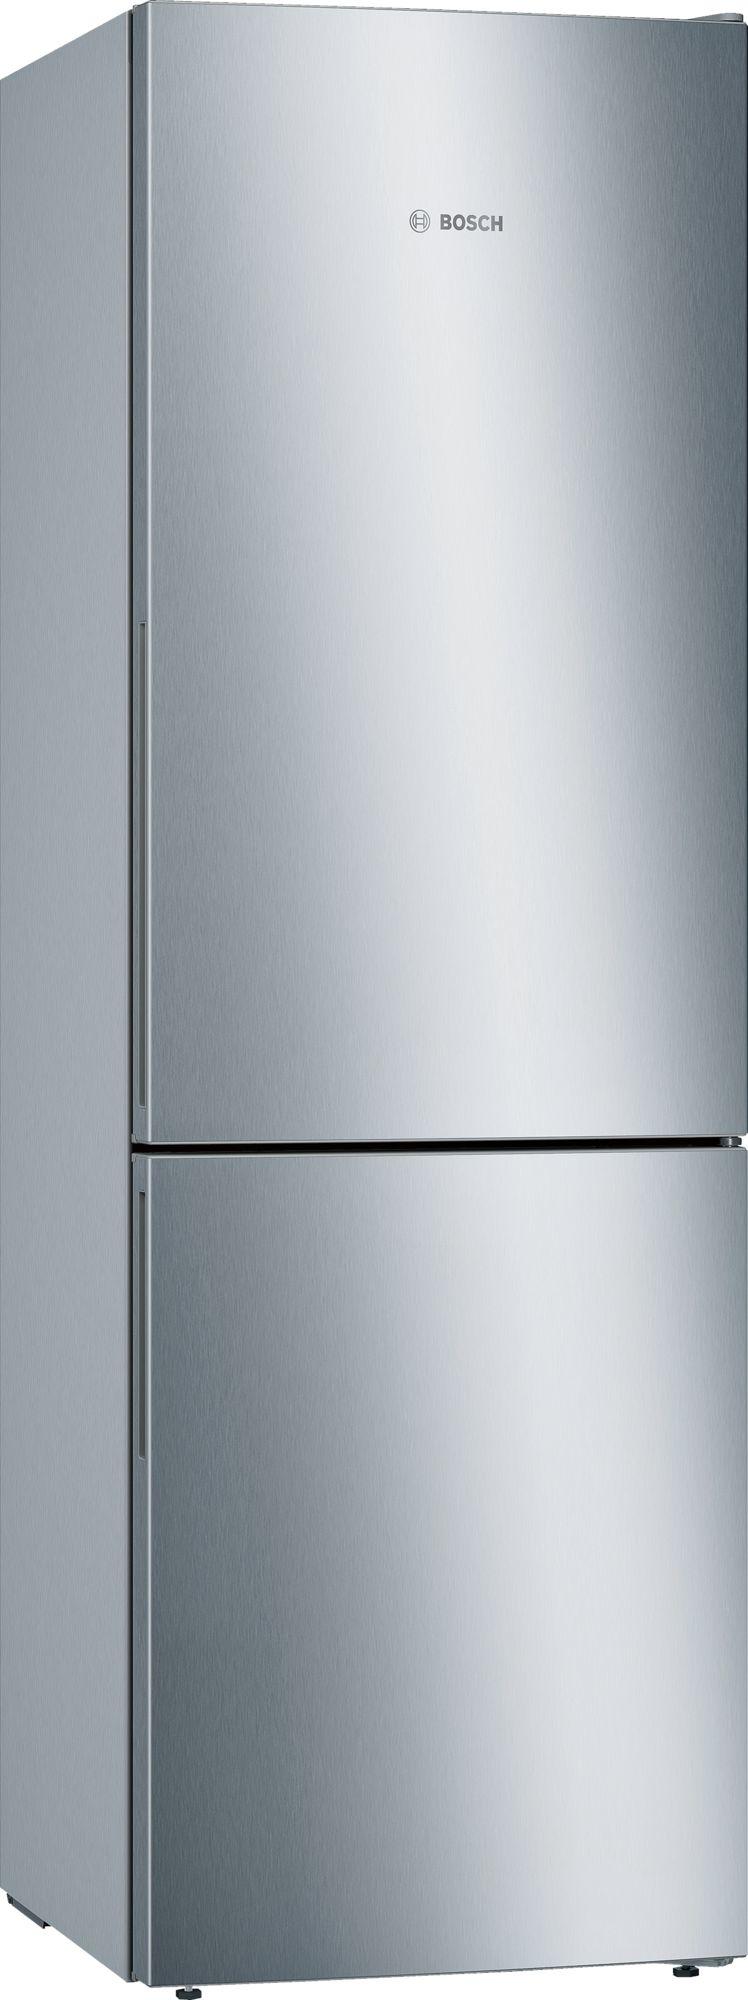 Bosch Capacità netta totale: 312 L - Kge36alca